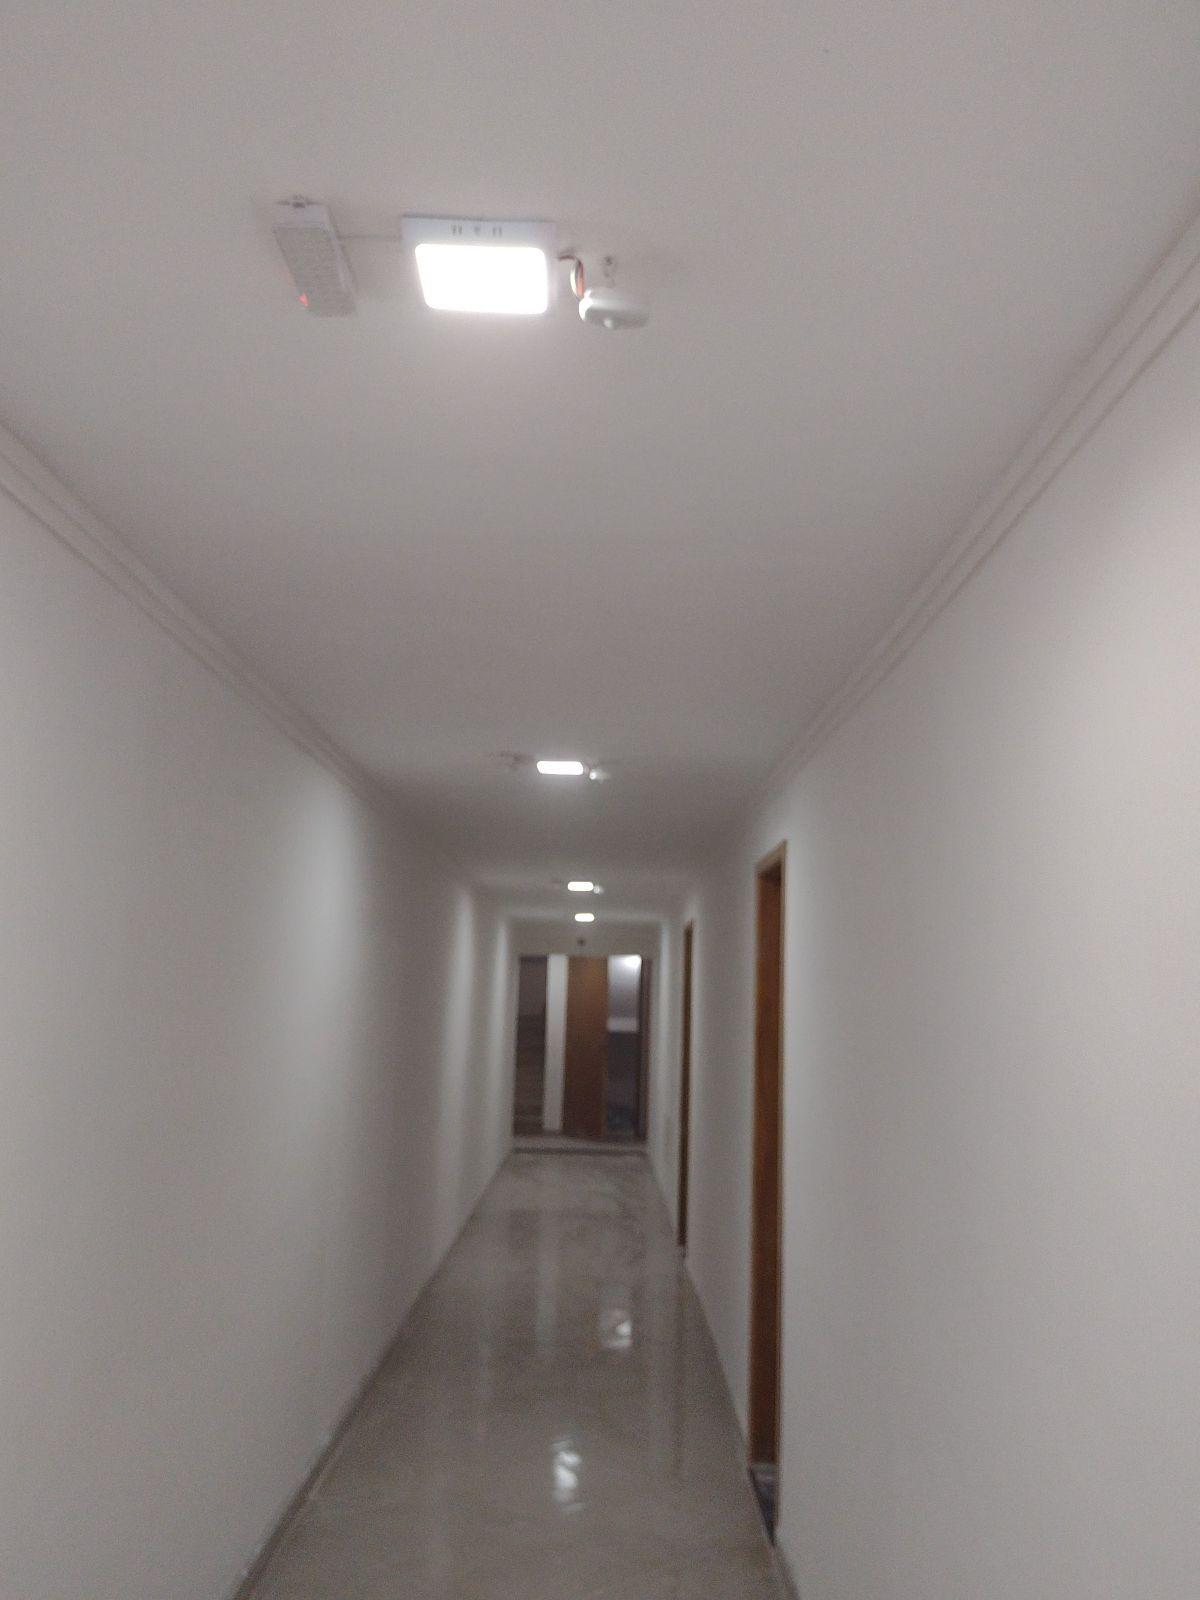 iluminação com sensores